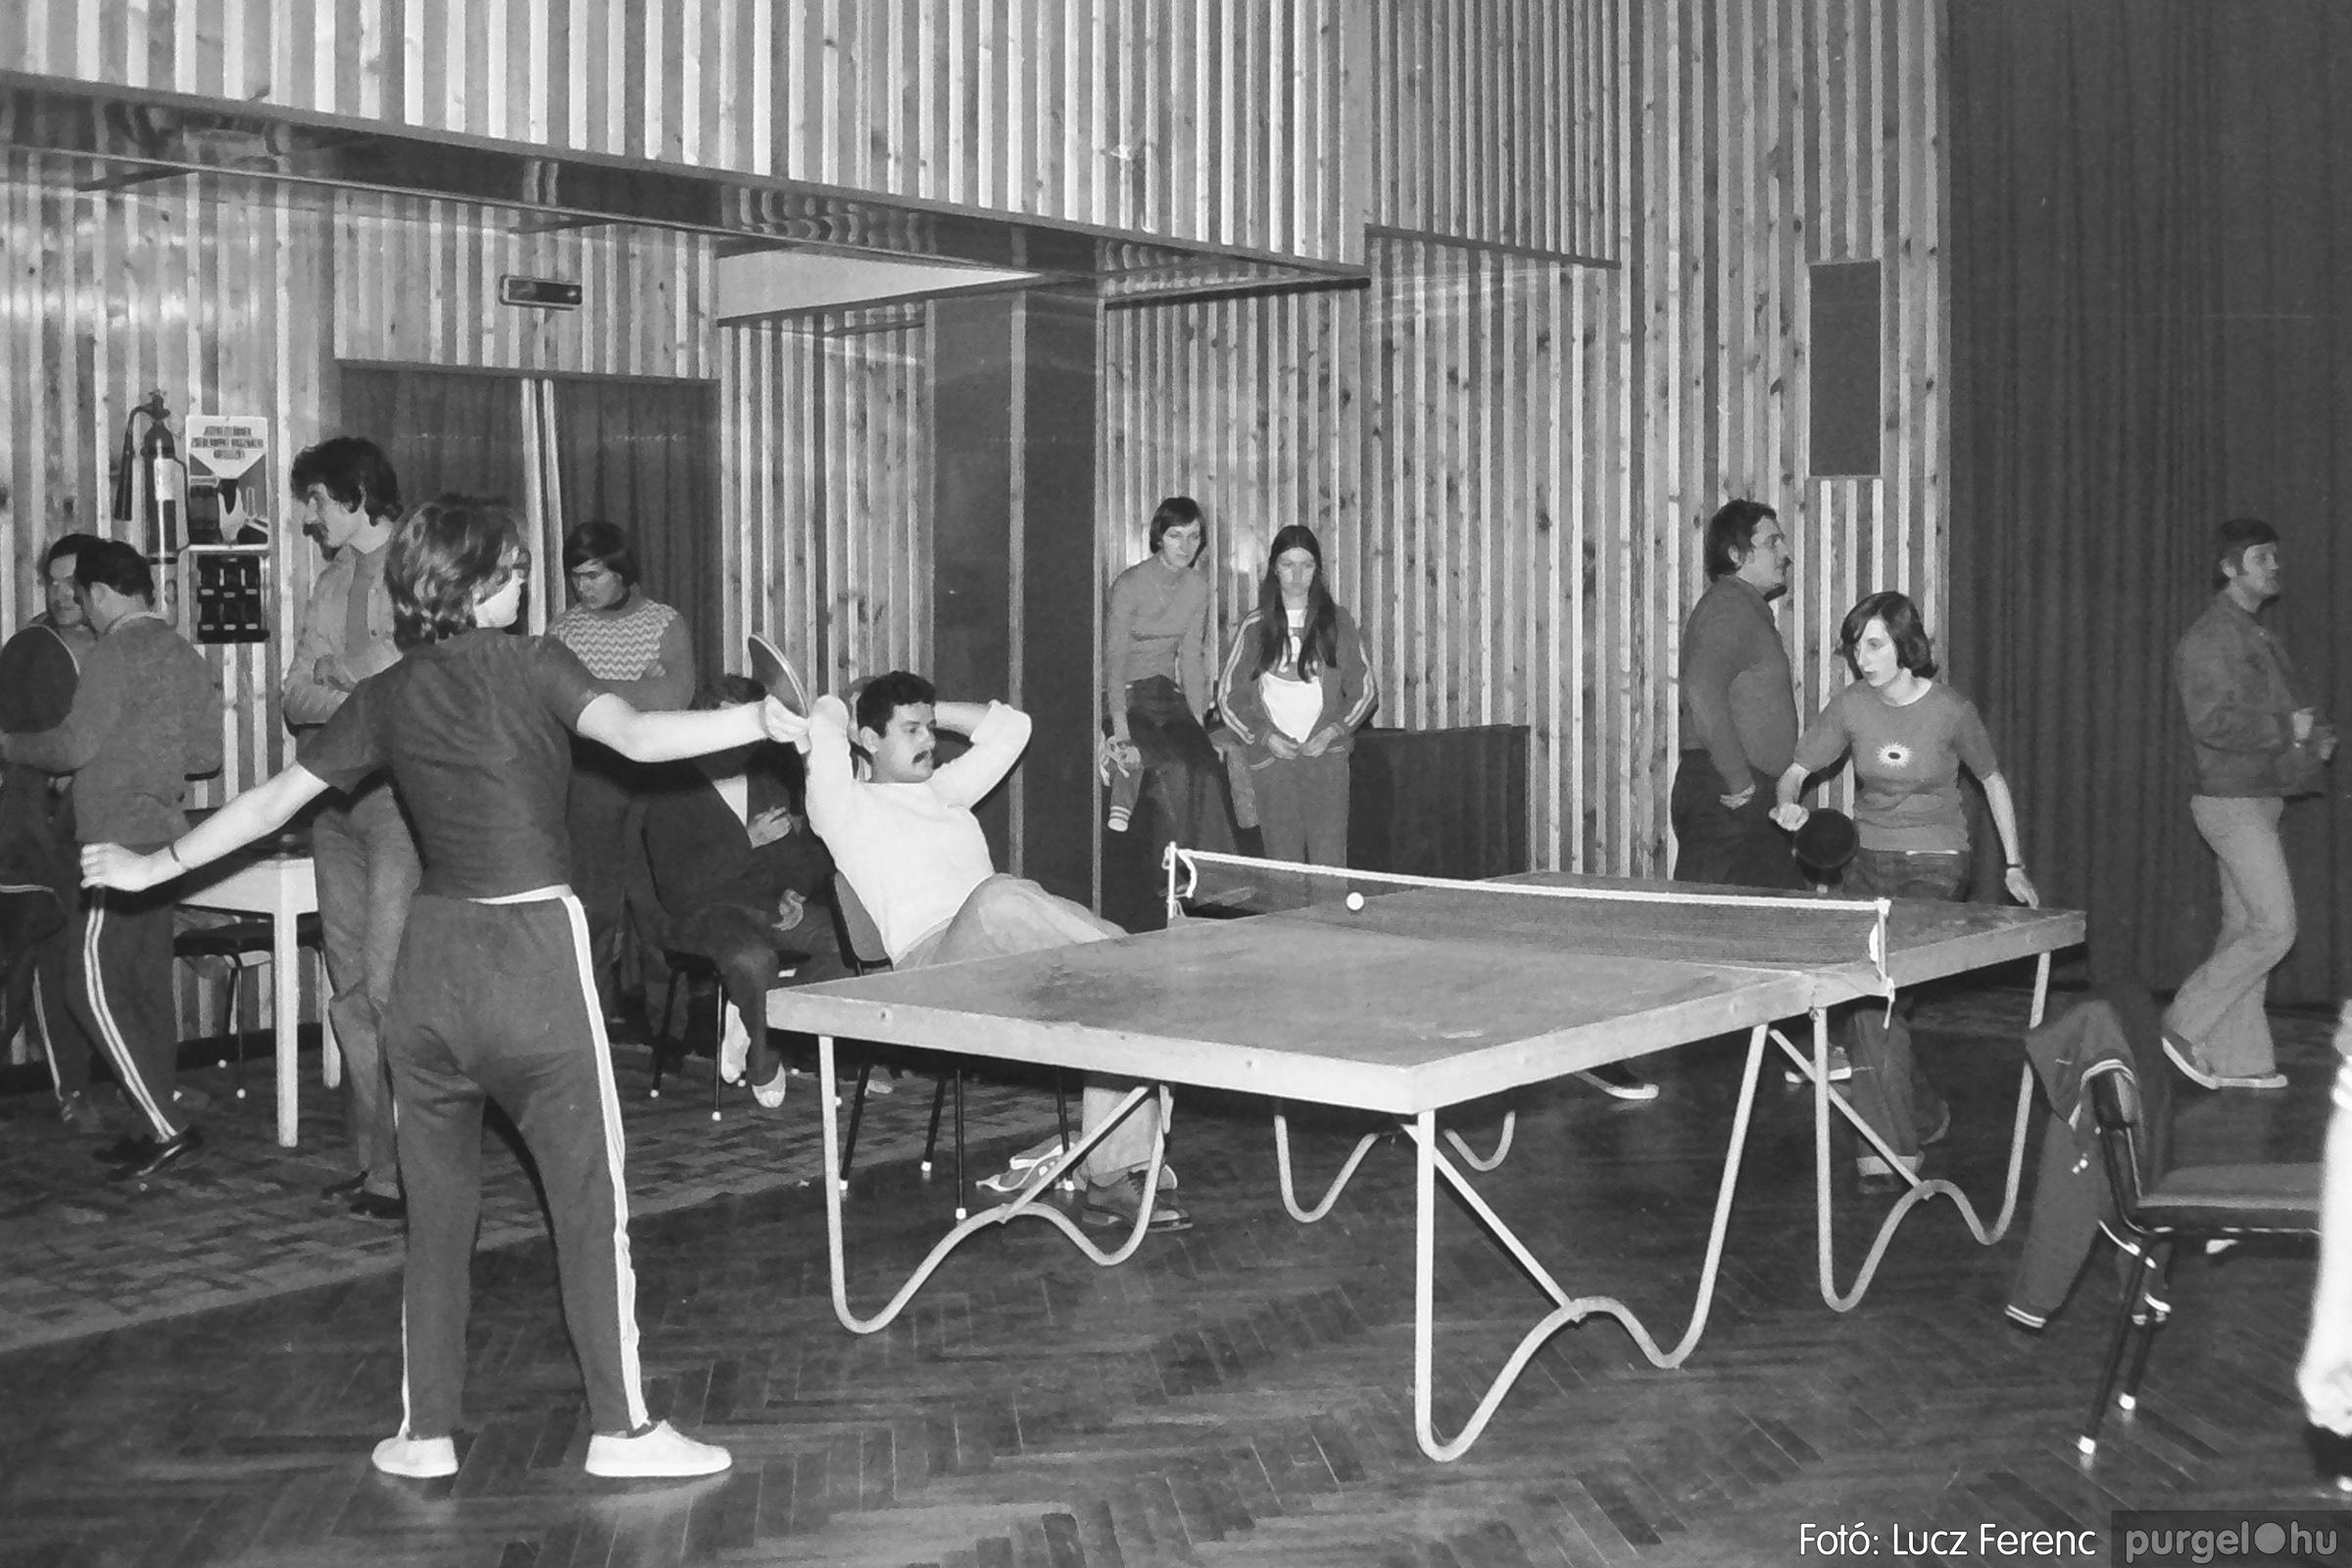 100. 1978. Asztaltenisz verseny 004. - Fotó: Lucz Ferenc.jpg